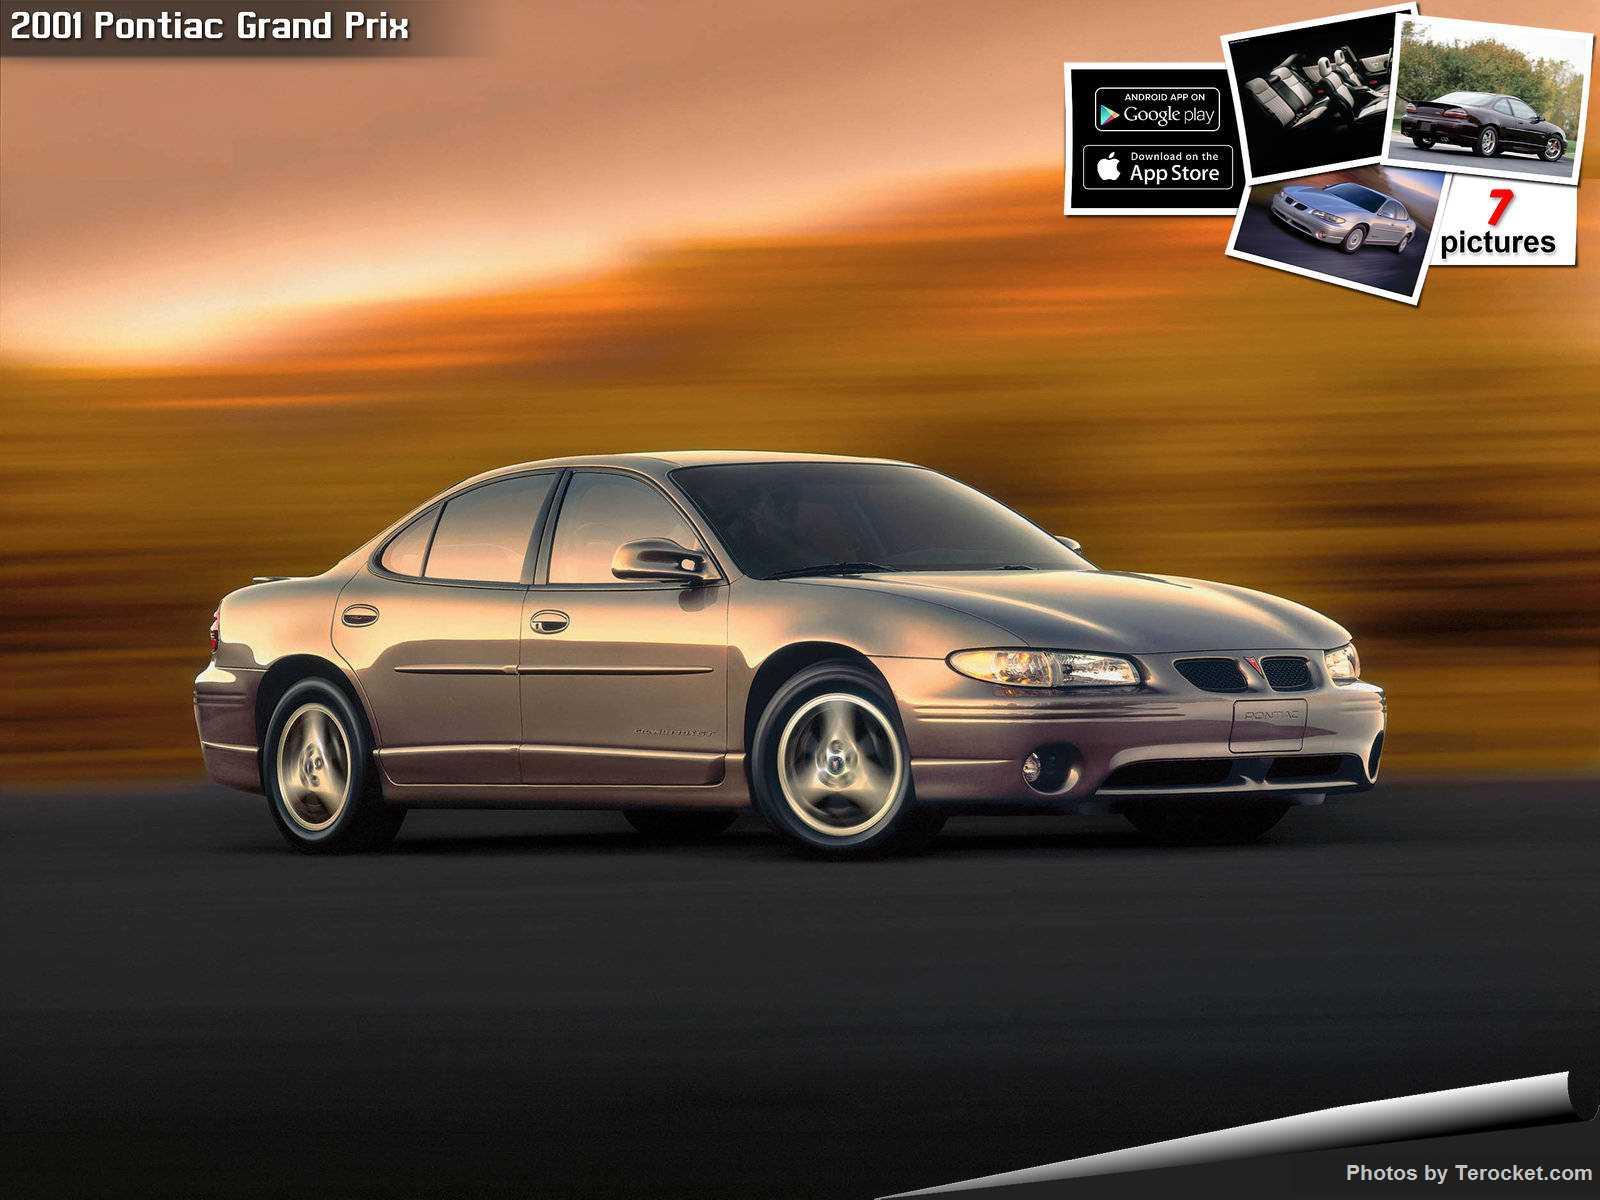 Hình ảnh xe ô tô Pontiac Grand Prix 2001 & nội ngoại thất